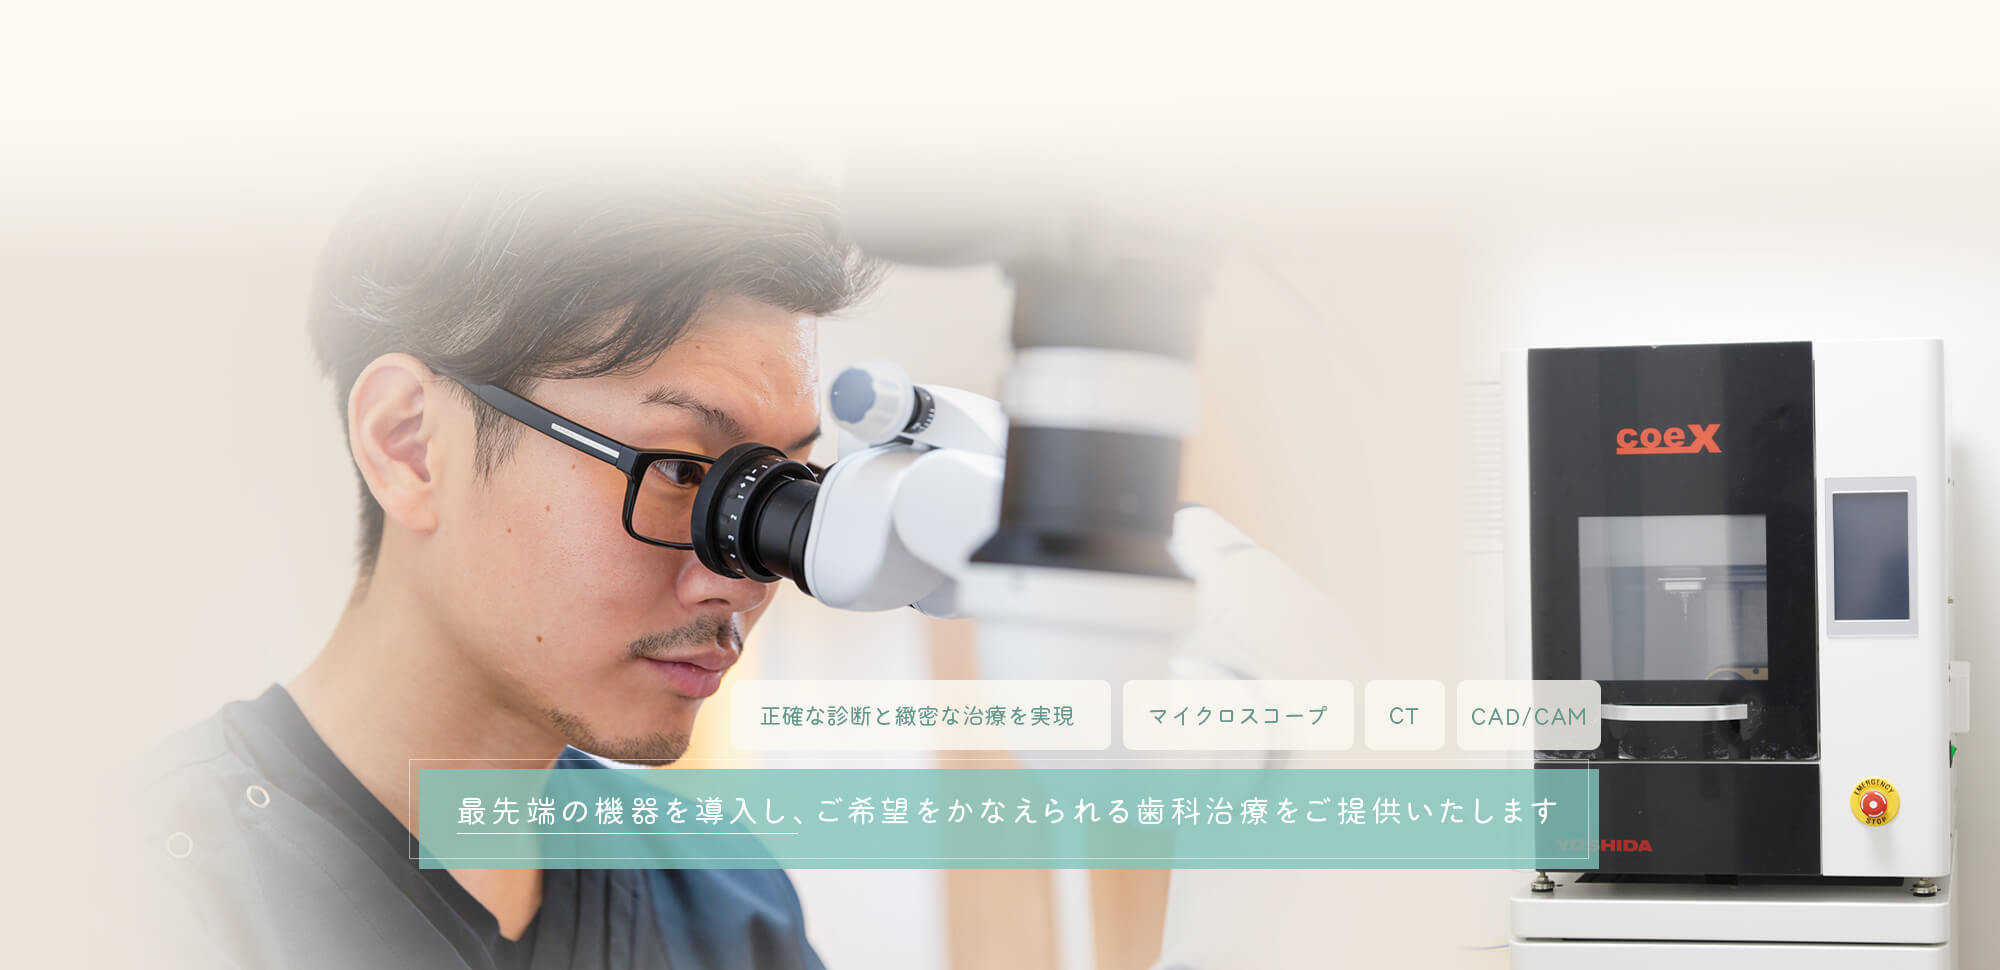 最先端の機器を導入し、ご希望をかなえられる歯科治療をご提供いたします